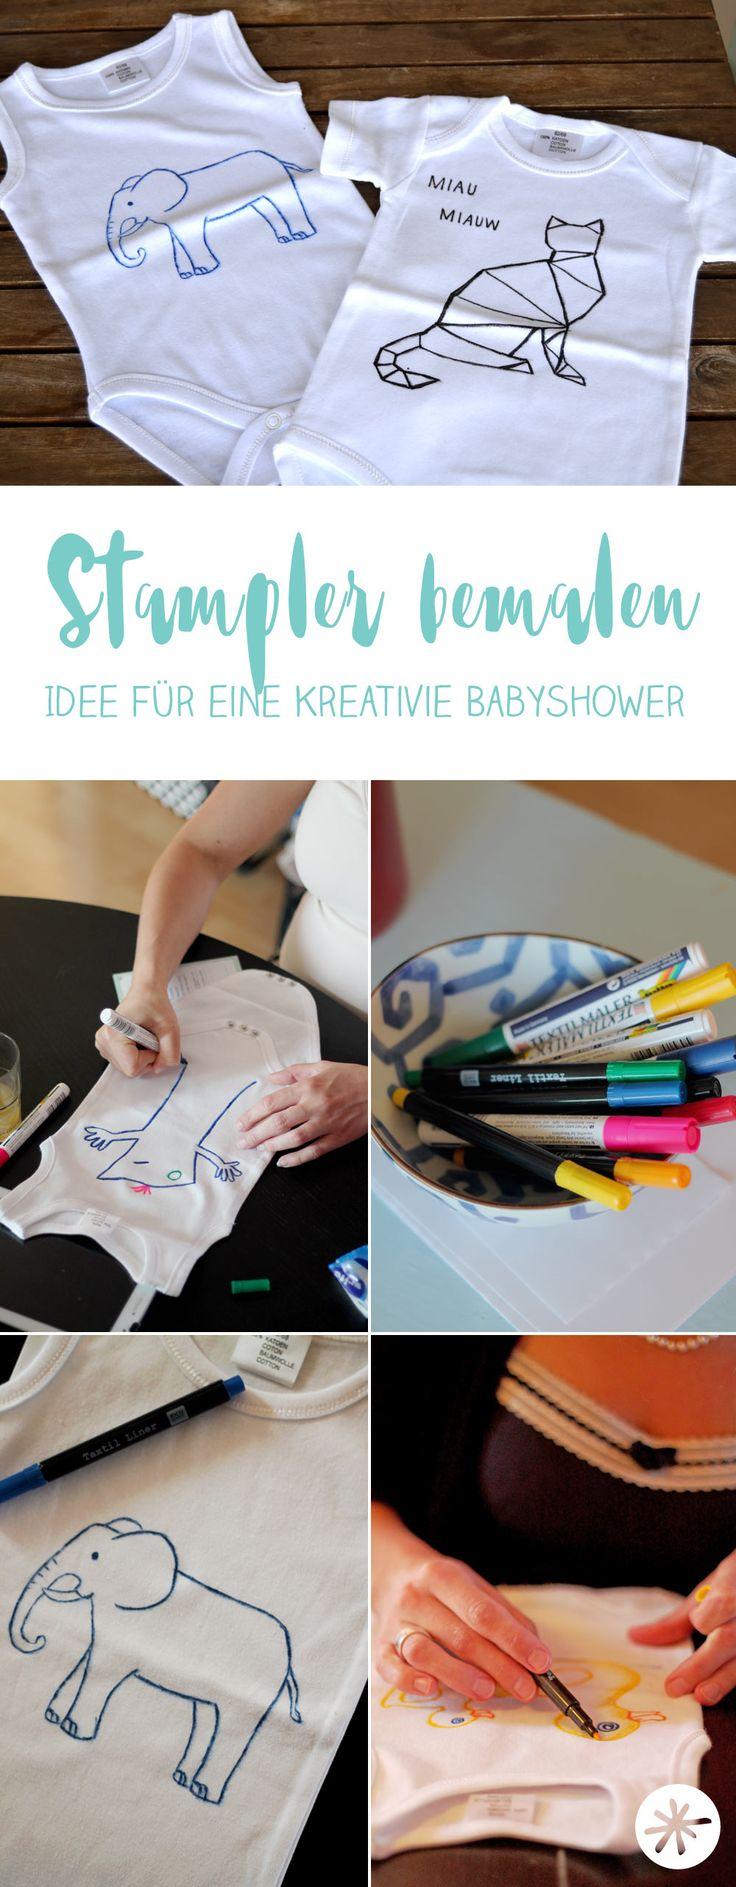 Stampler bemalen - Ideen für eine kreative Babyshower - Babyparty Spiel - Geschenke zur Geburt